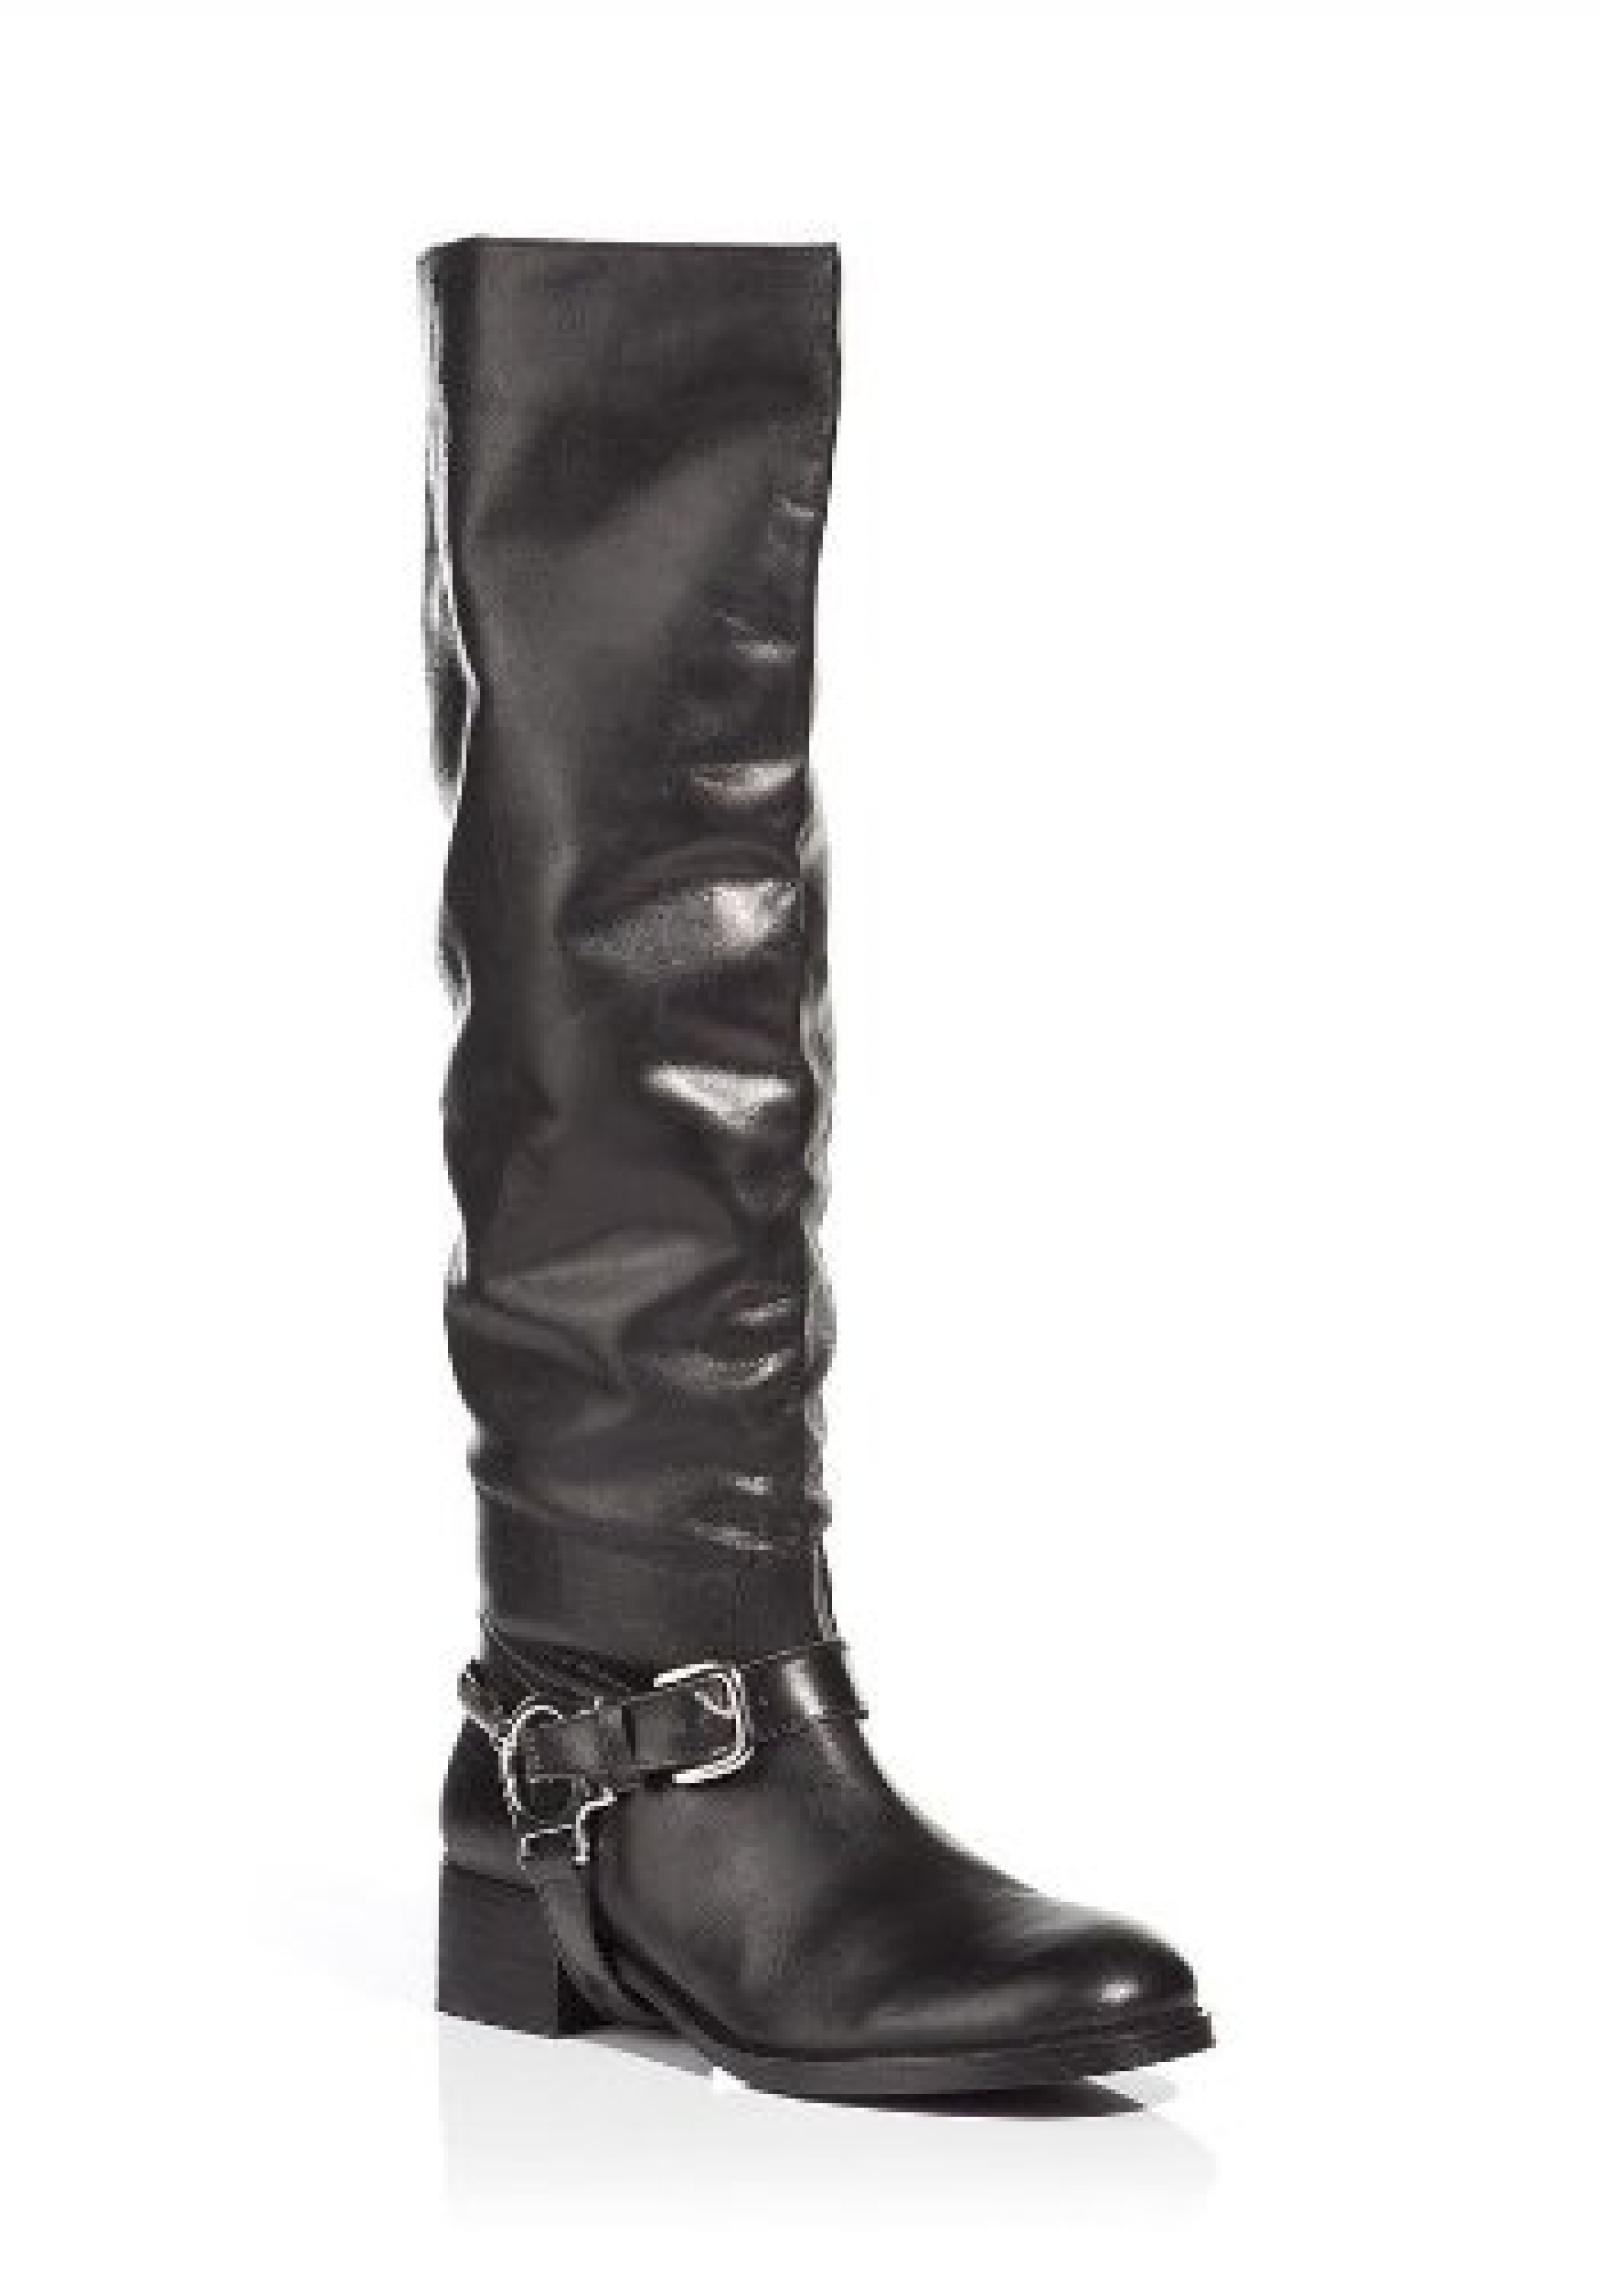 APART Damen-Schuhe Stiefel Schwarz